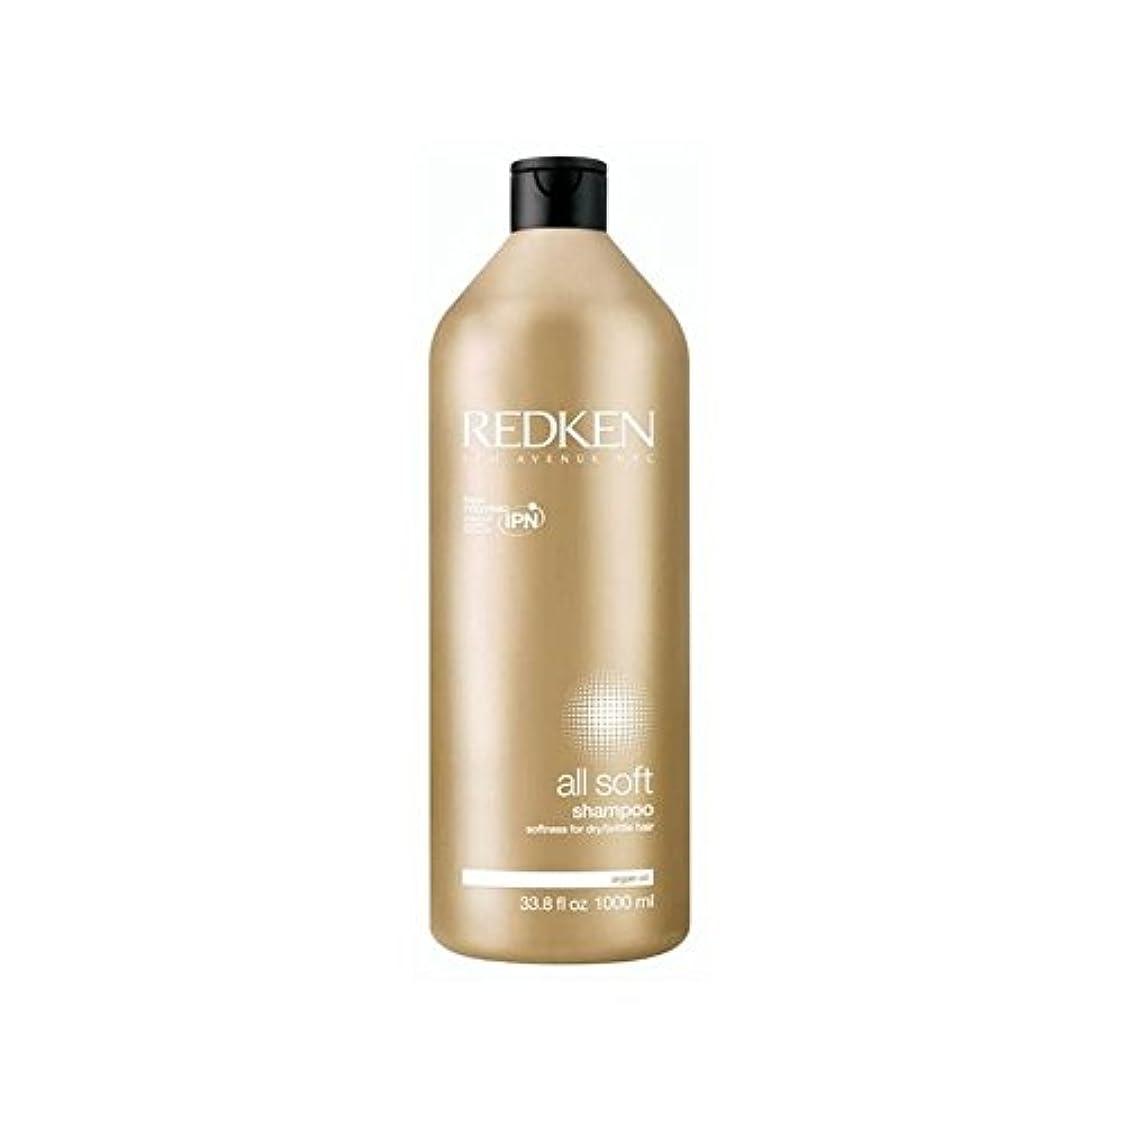 ペインティング媒染剤ビュッフェすべてのソフトシャンプー千ミリリットルをレッドケン x4 - Redken All Soft Shampoo 1000ml (Pack of 4) [並行輸入品]